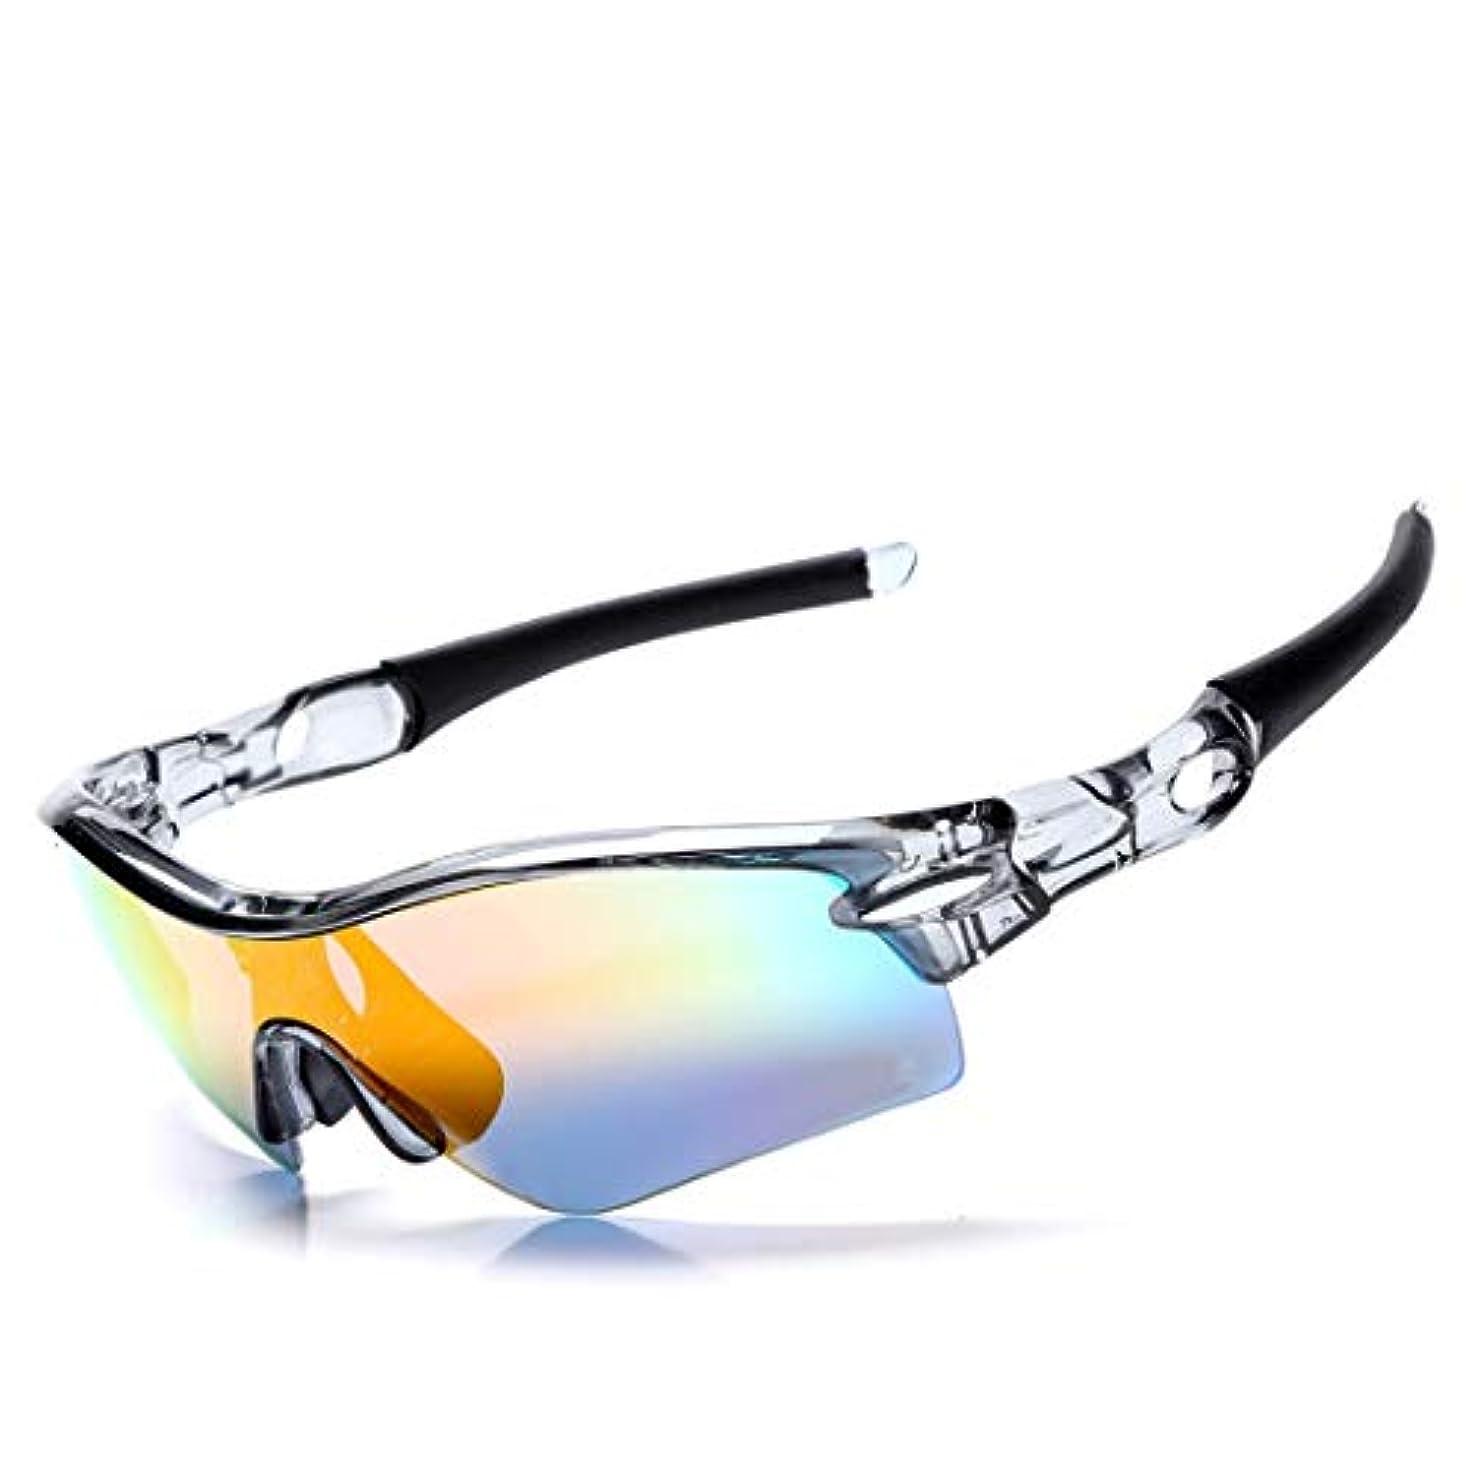 違反情熱失望Koloeplf 男性と女性のためのサングラスを保持しているサイクリンググラスアウトドアスポーツ防風マウンテンバイク (Color : A)